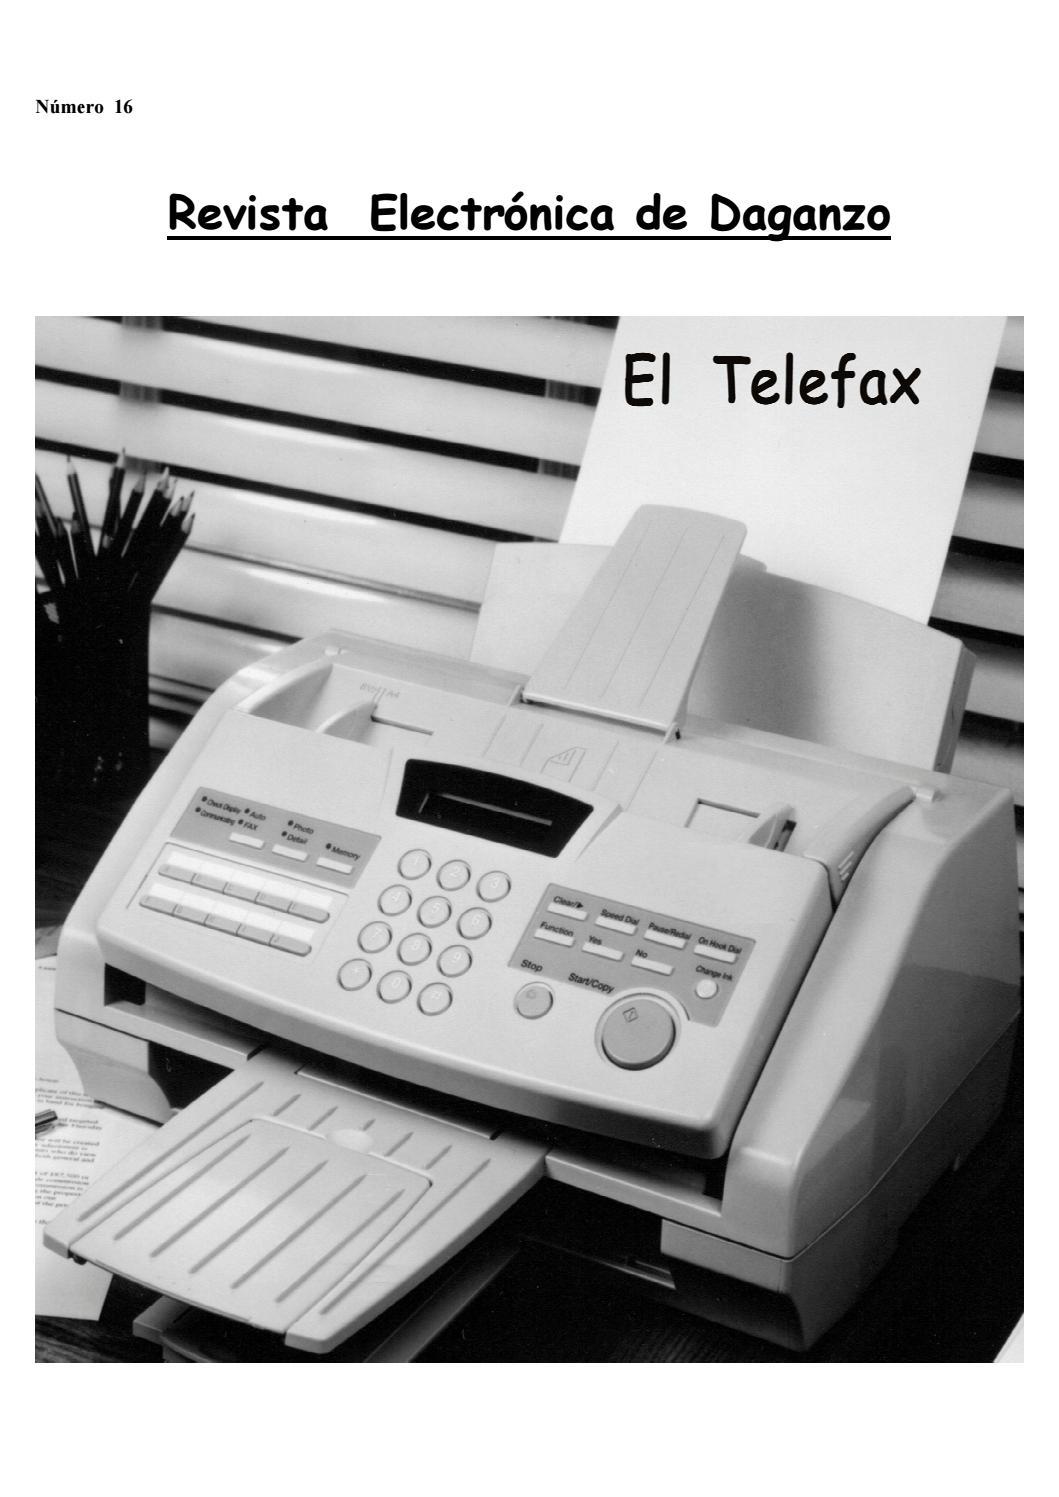 El Telefax